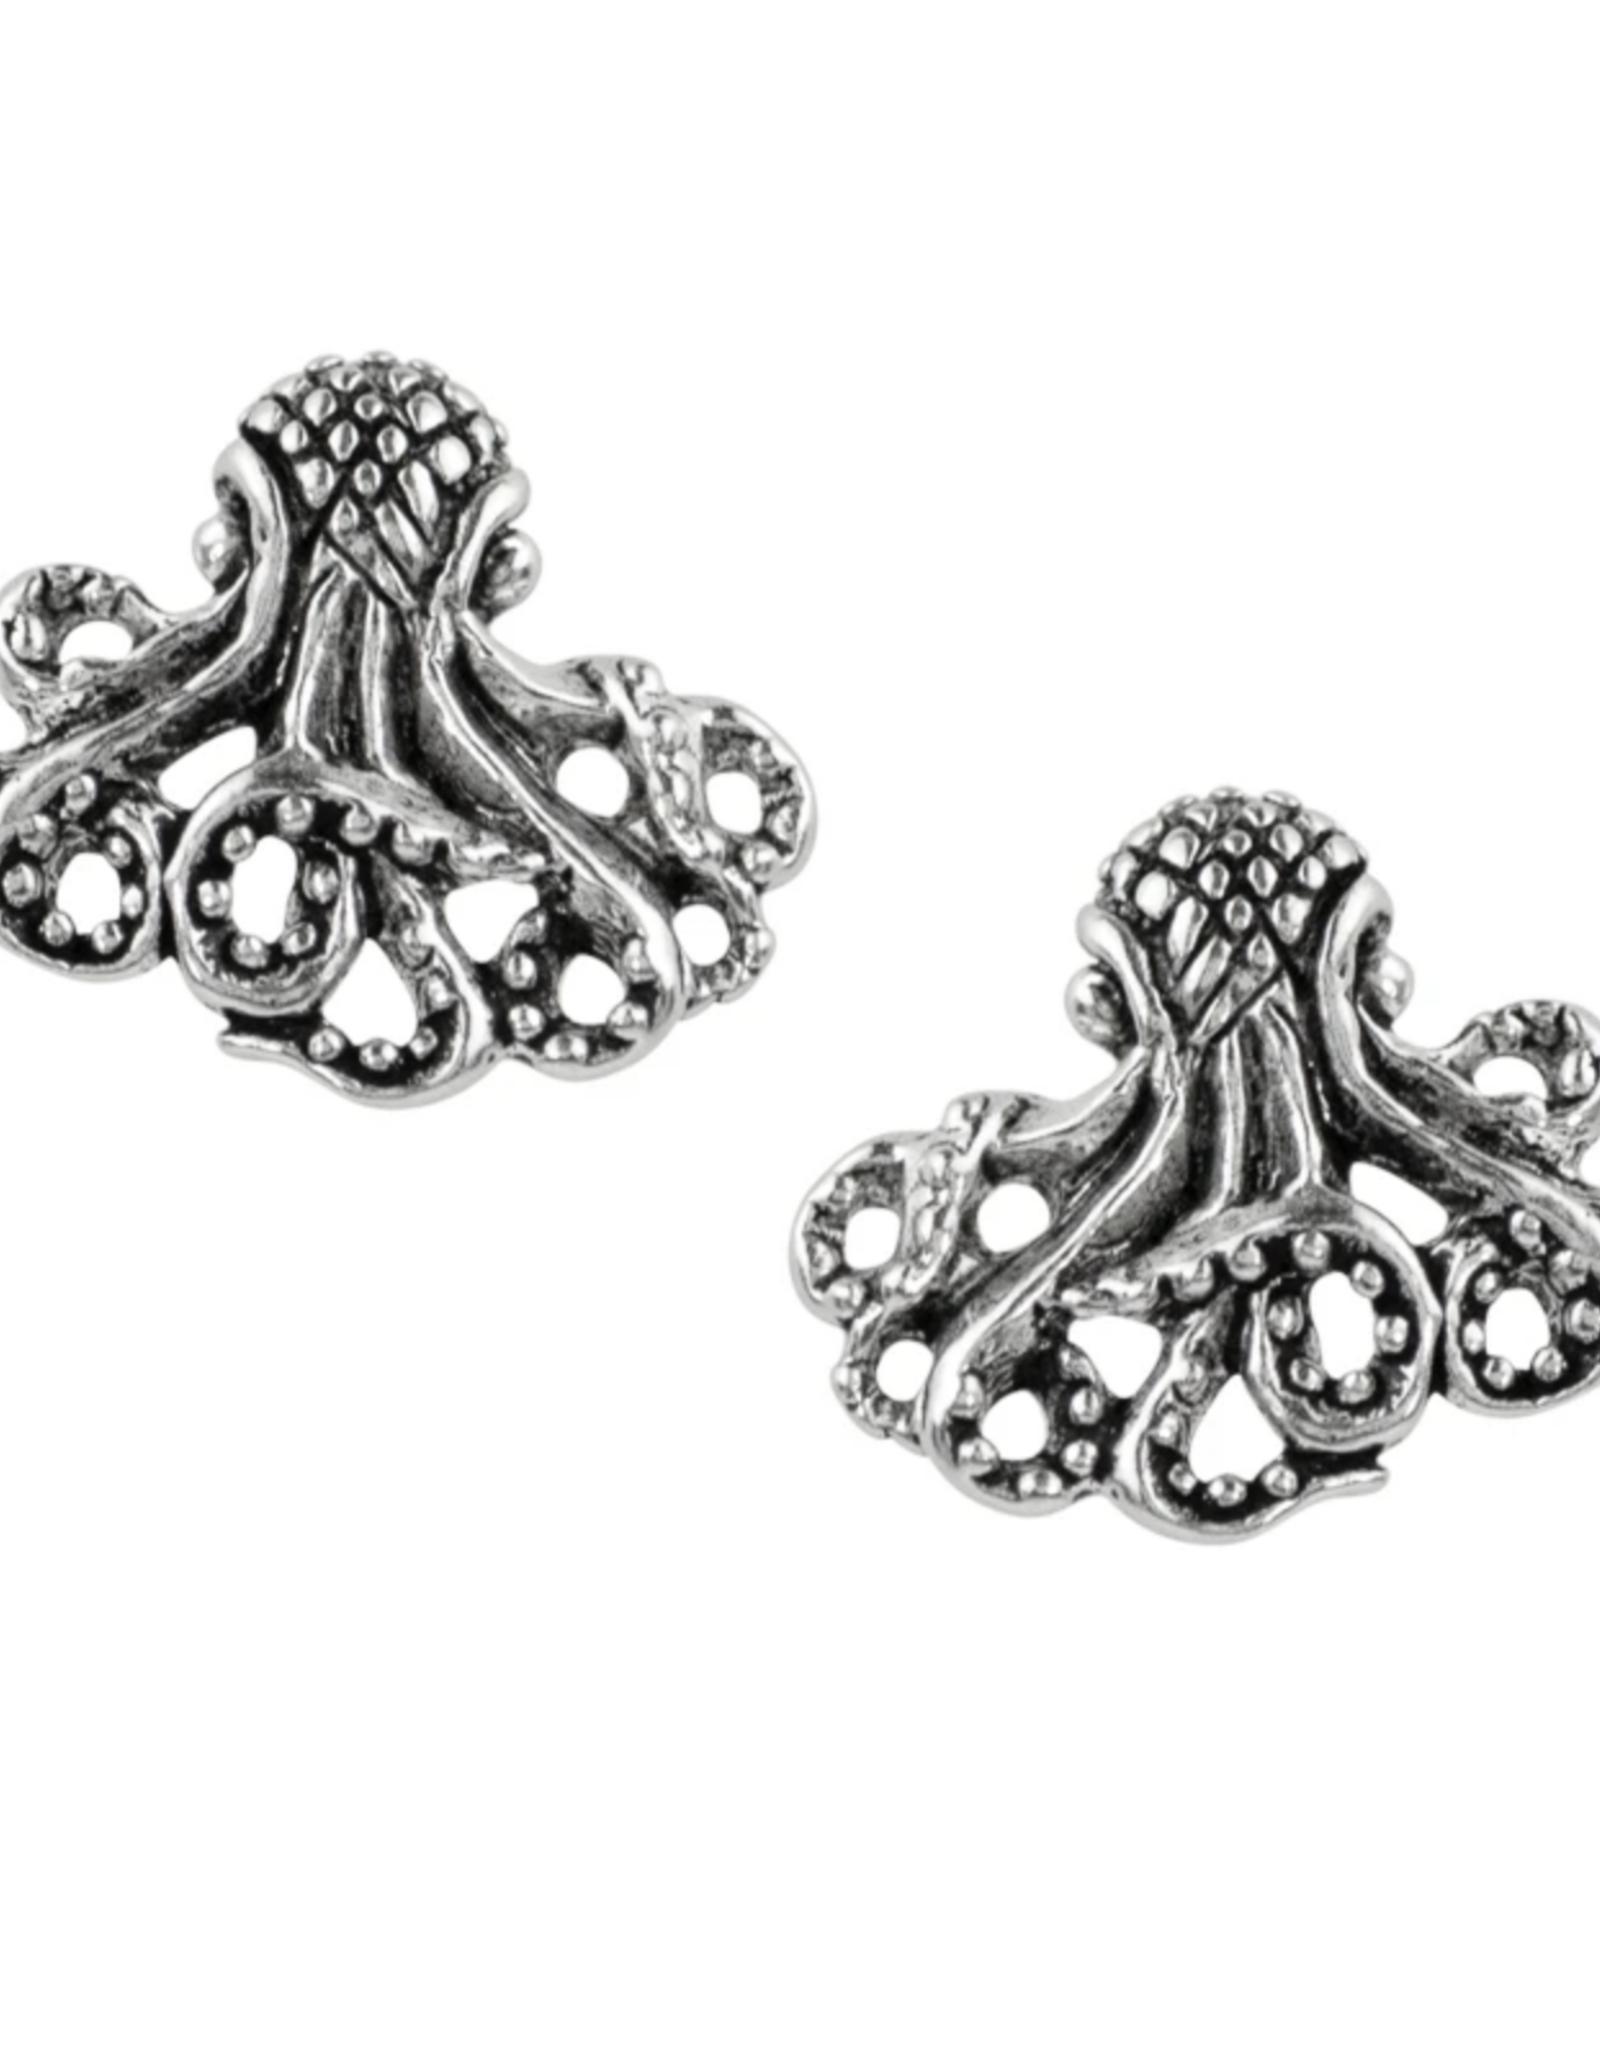 Textured Octopus Stud Earrings